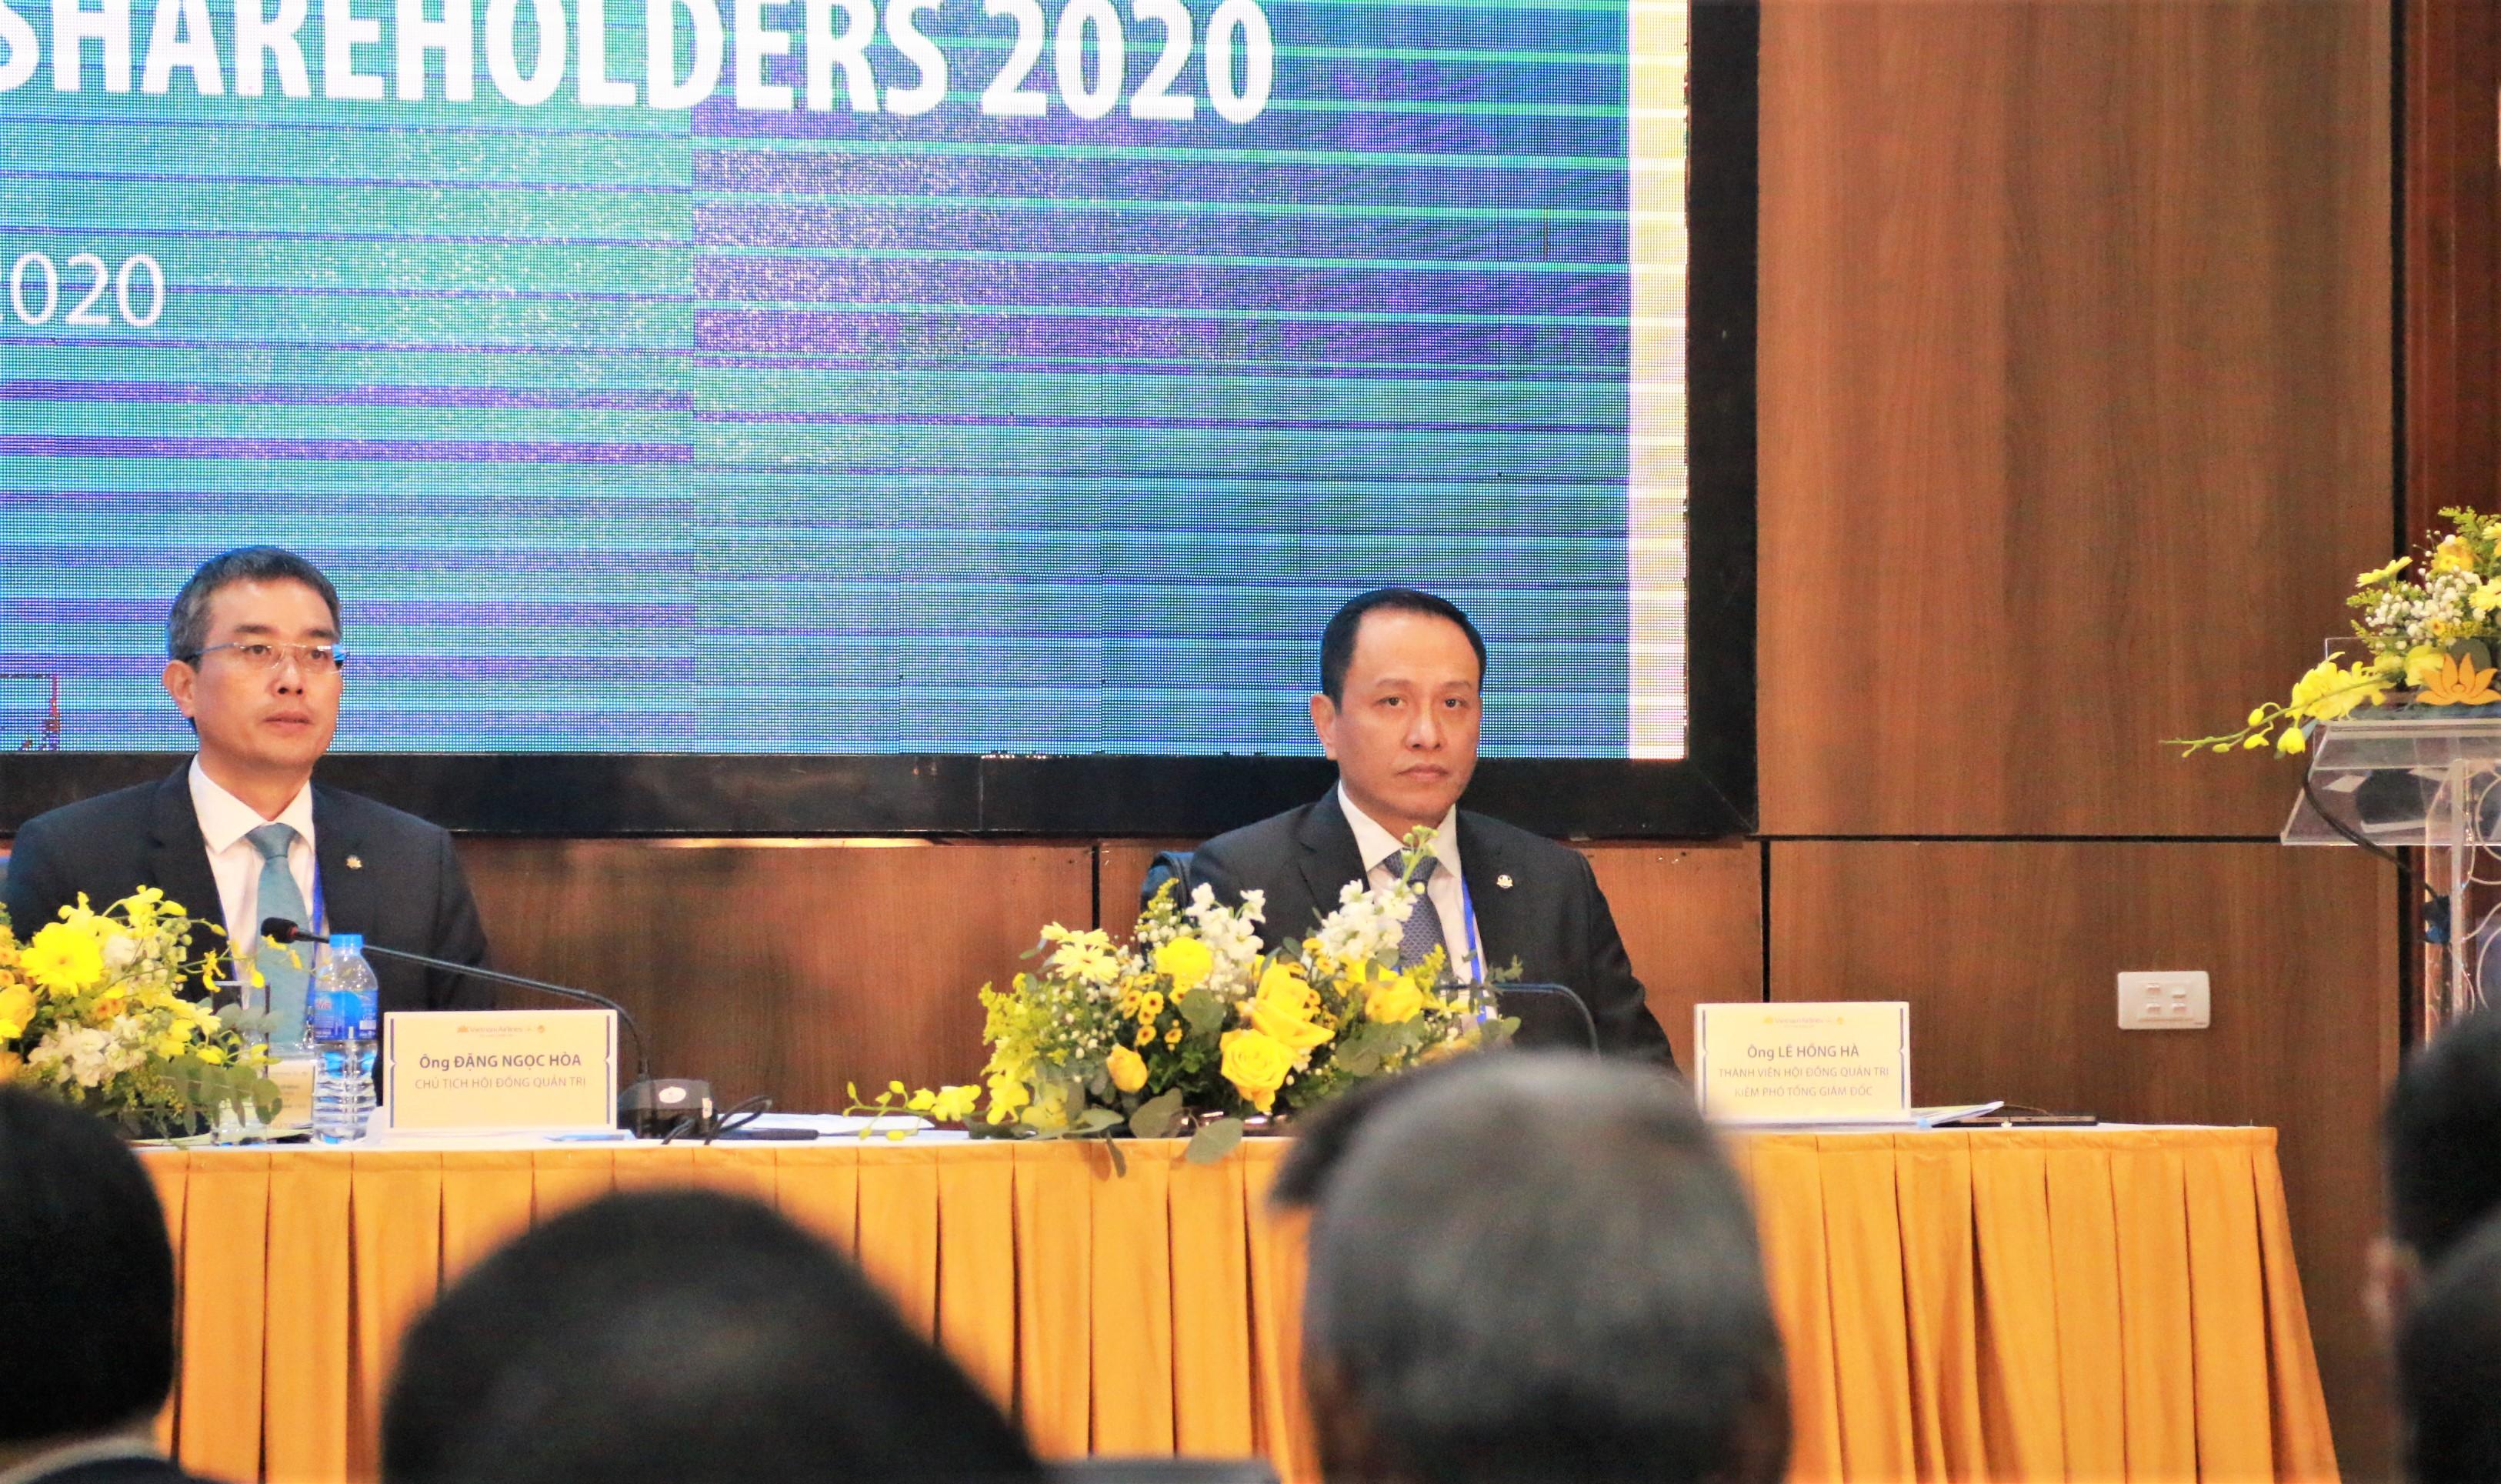 Chân dung tân Tổng Giám đốc Vietnam Airlines Lê Hồng Hà - Ảnh 1.